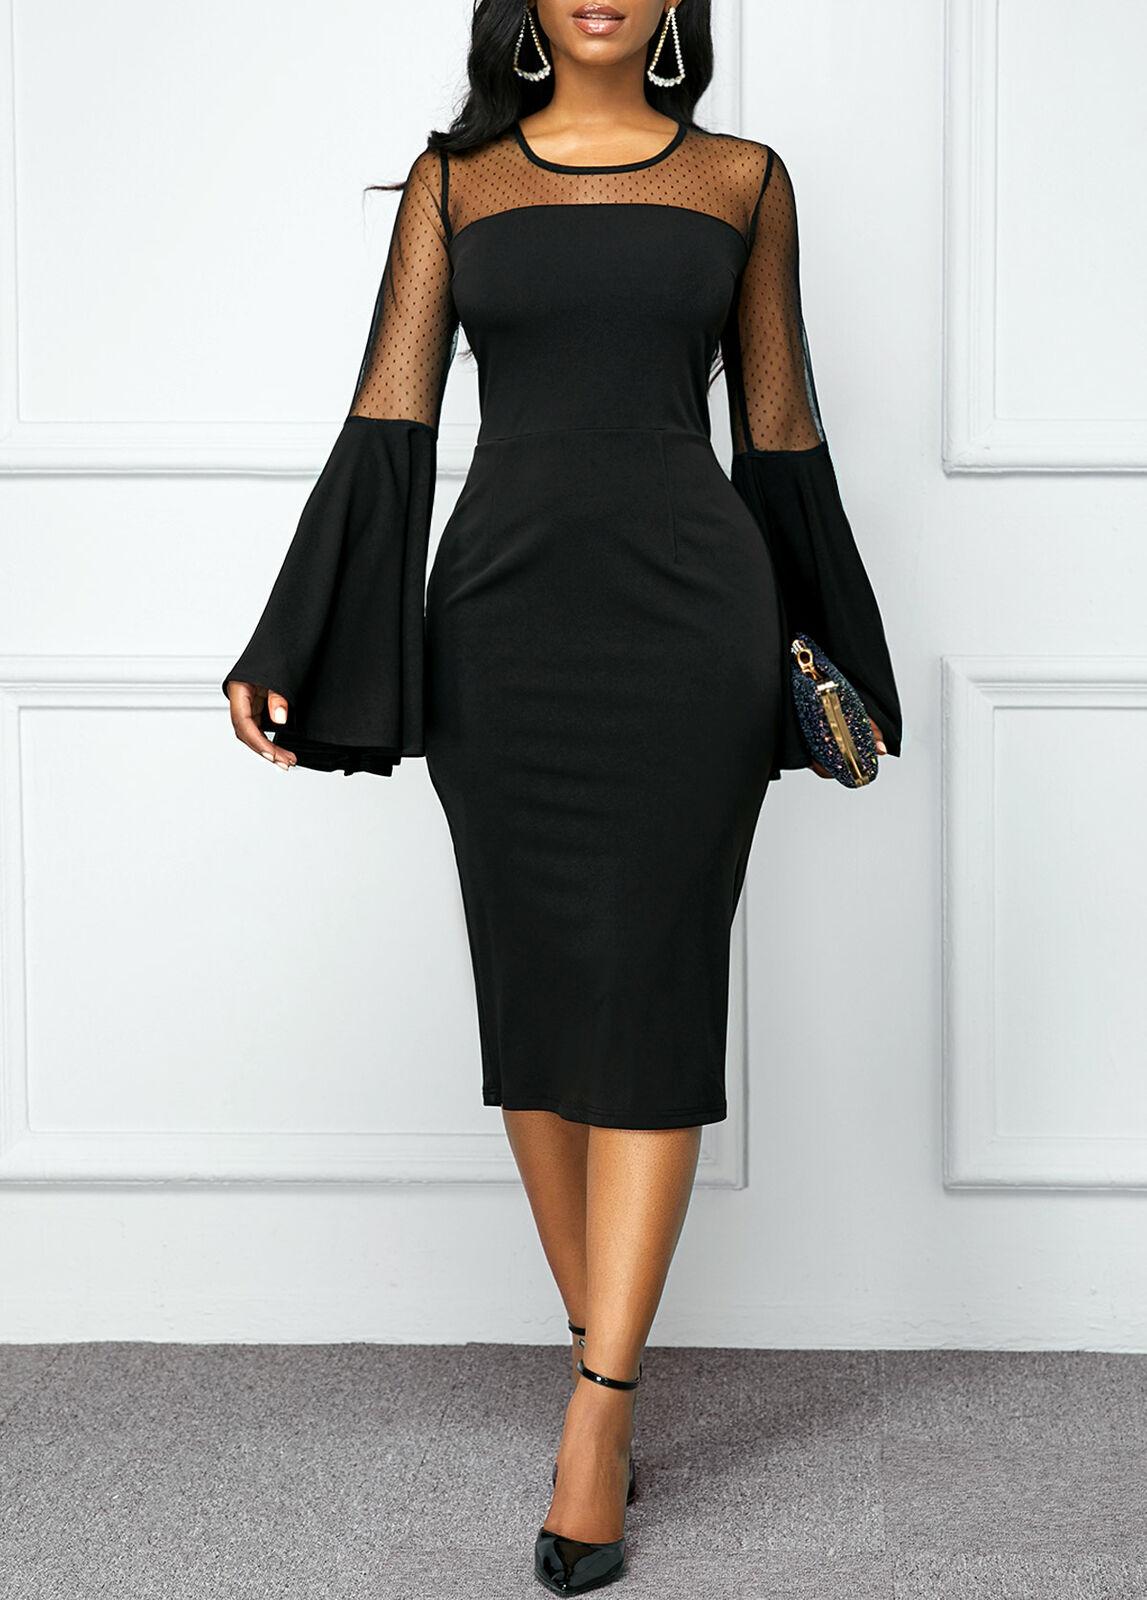 Винтаж облегающее платье модные женские туфли Slim OL Бизнес офисное, официальное платье с длинными расклешенными рукавами зимнее платье Вече...